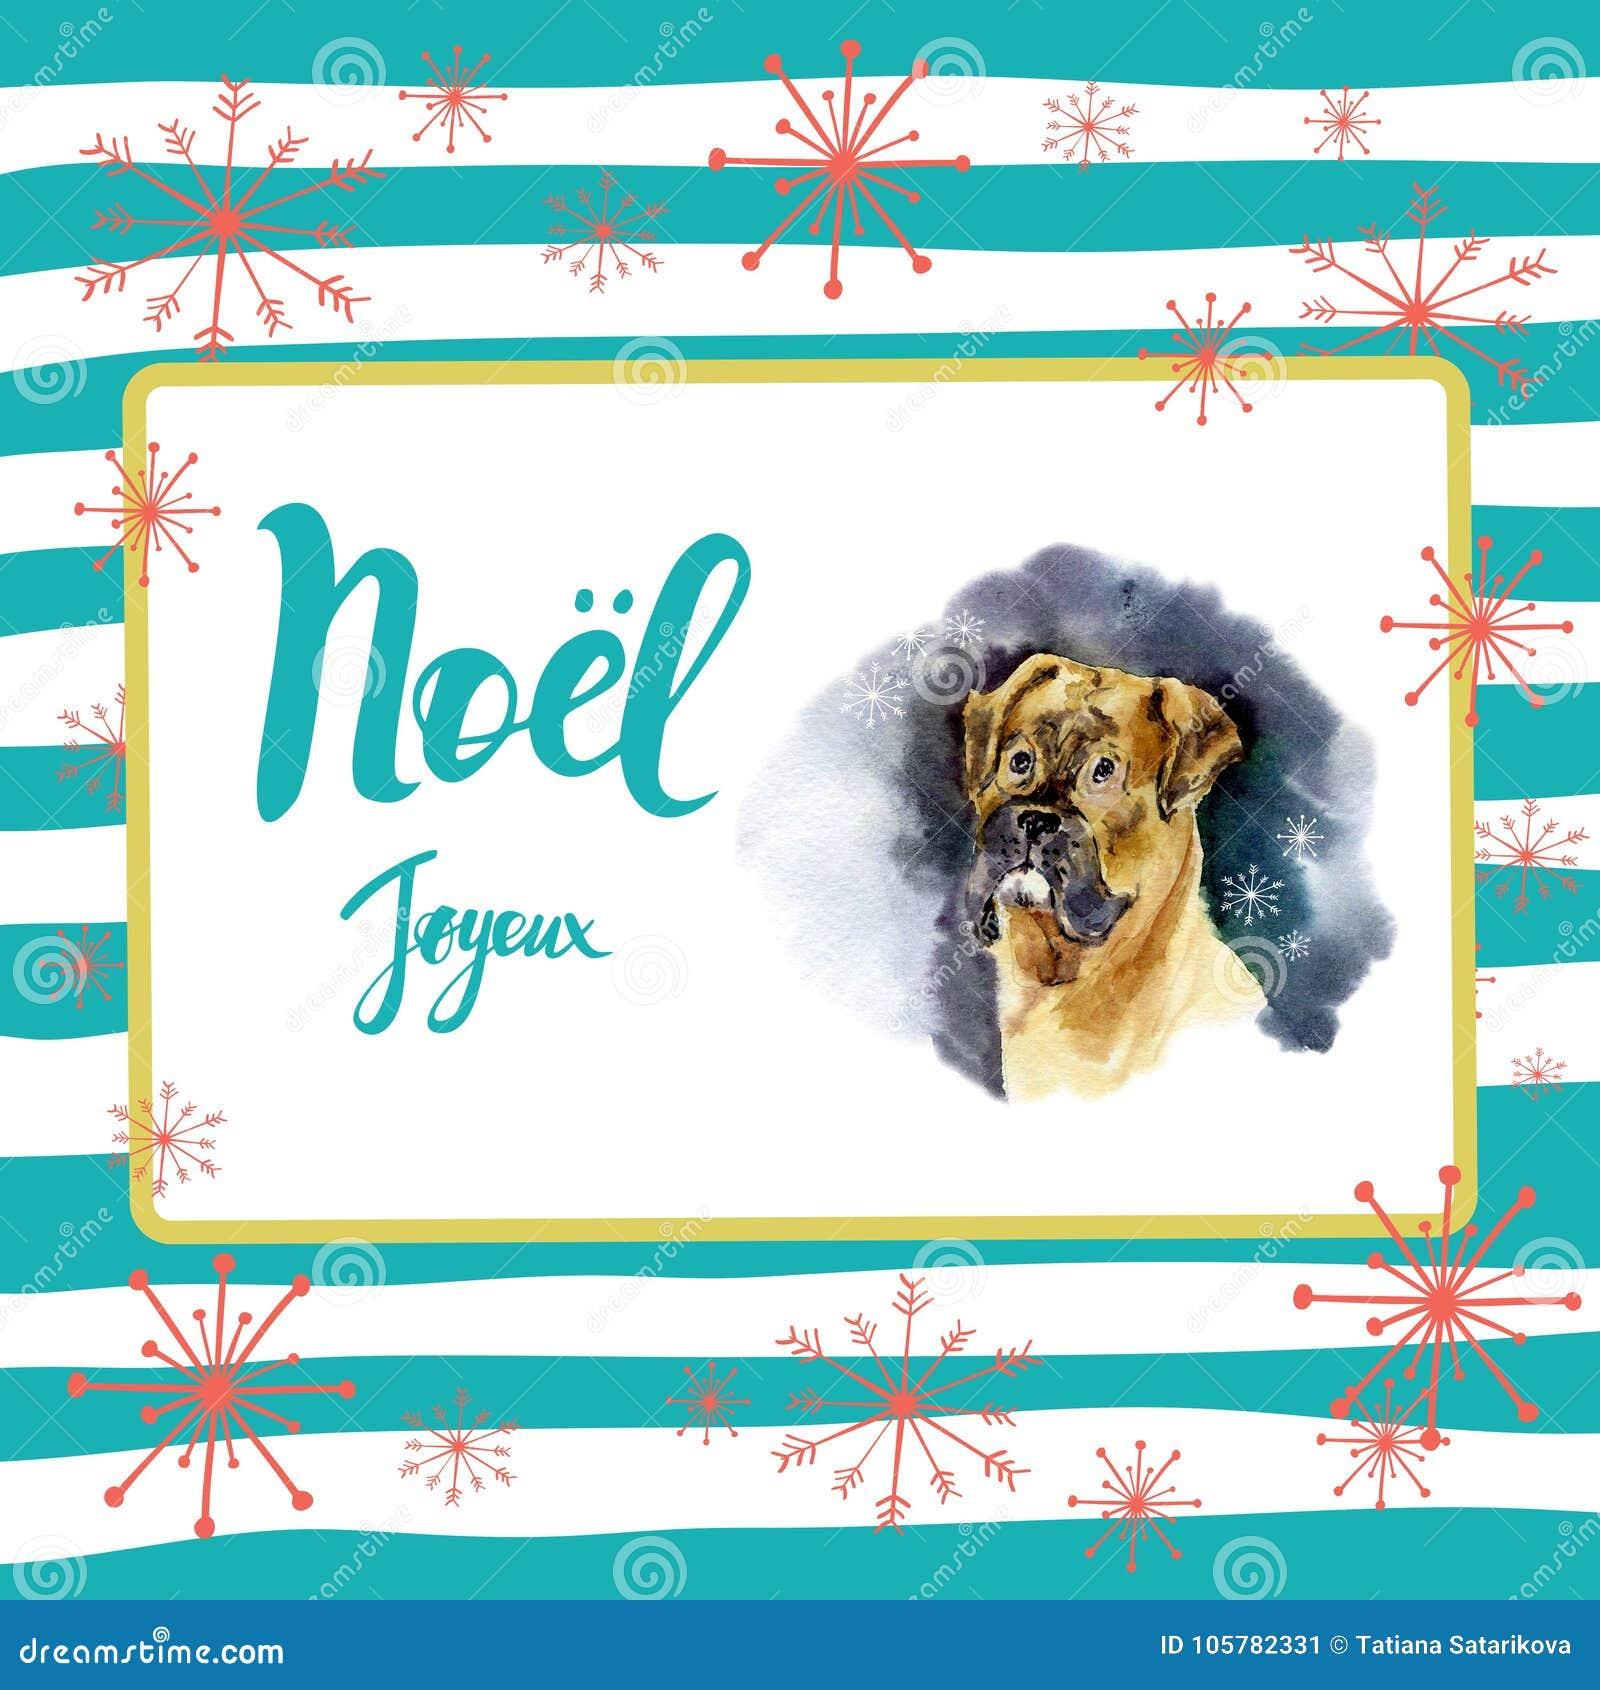 Projeto De Cartão Do Feliz Natal Com Cumprimentos Na Língua